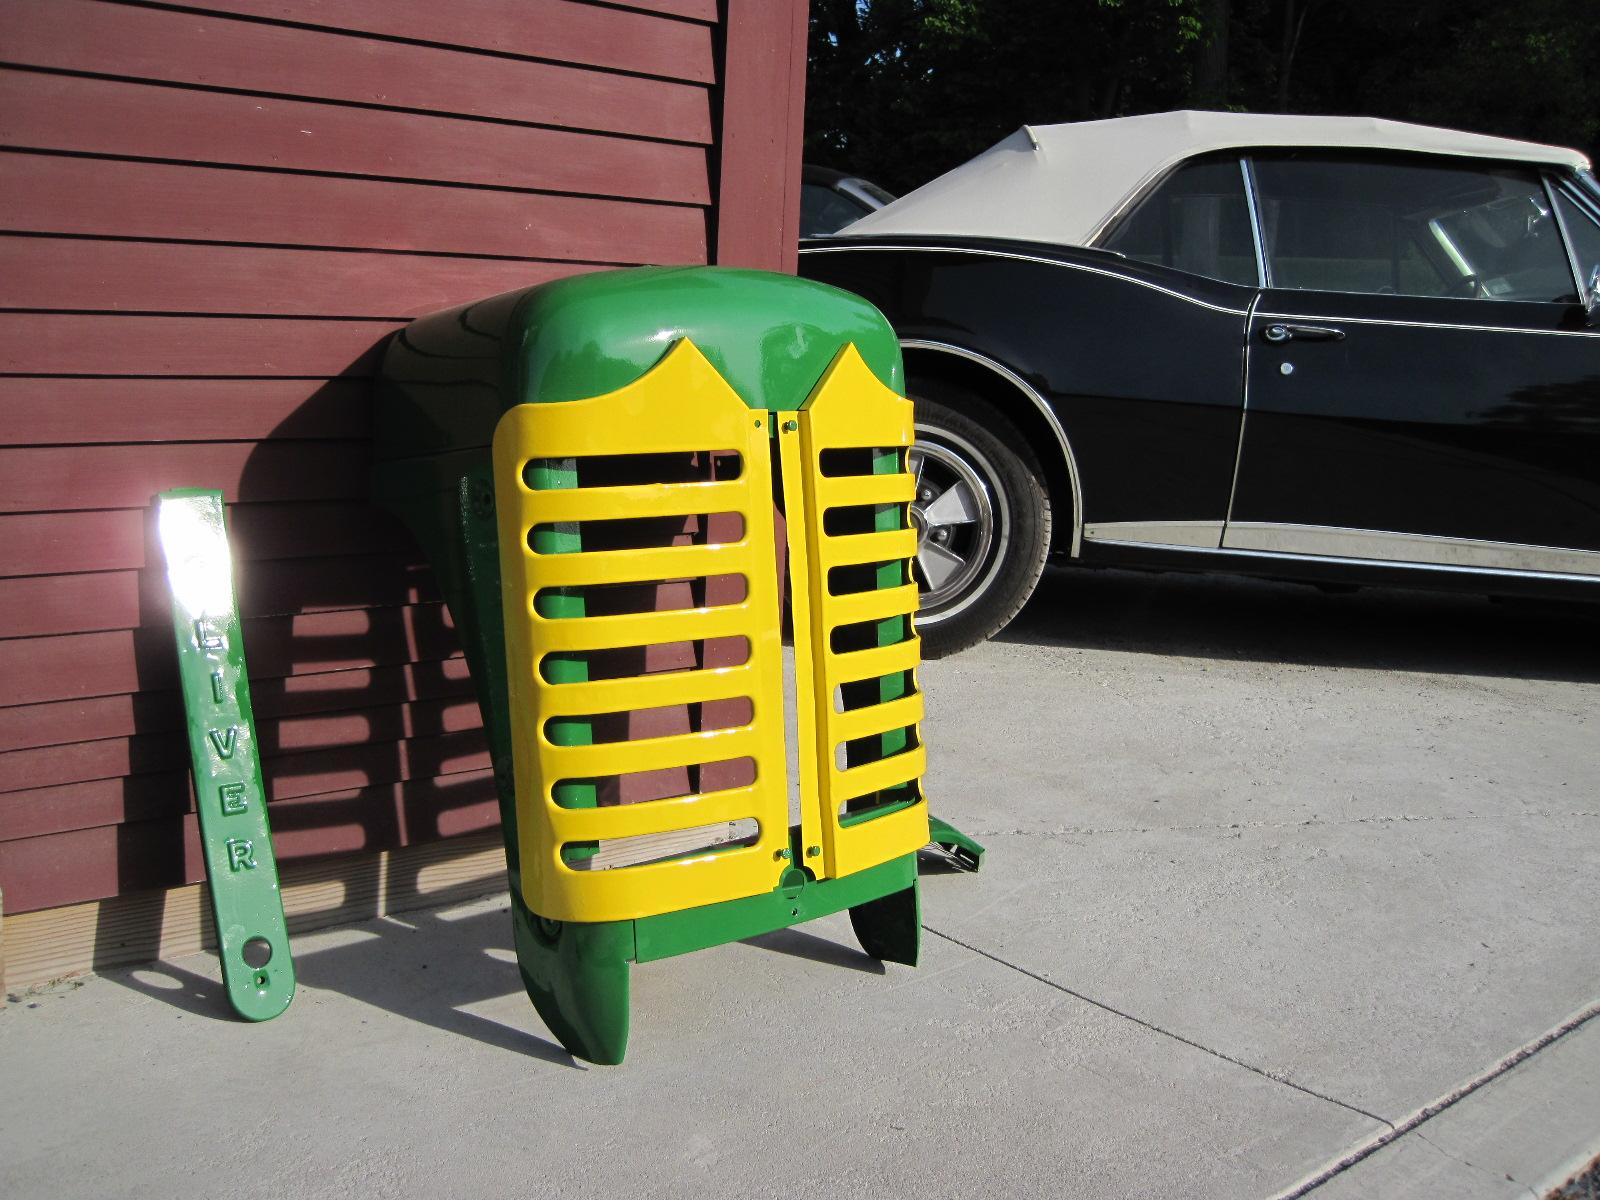 hight resolution of oliver 55 tractor grille rh ferraricraft com oliver super 55 parts for sale oliver super 55